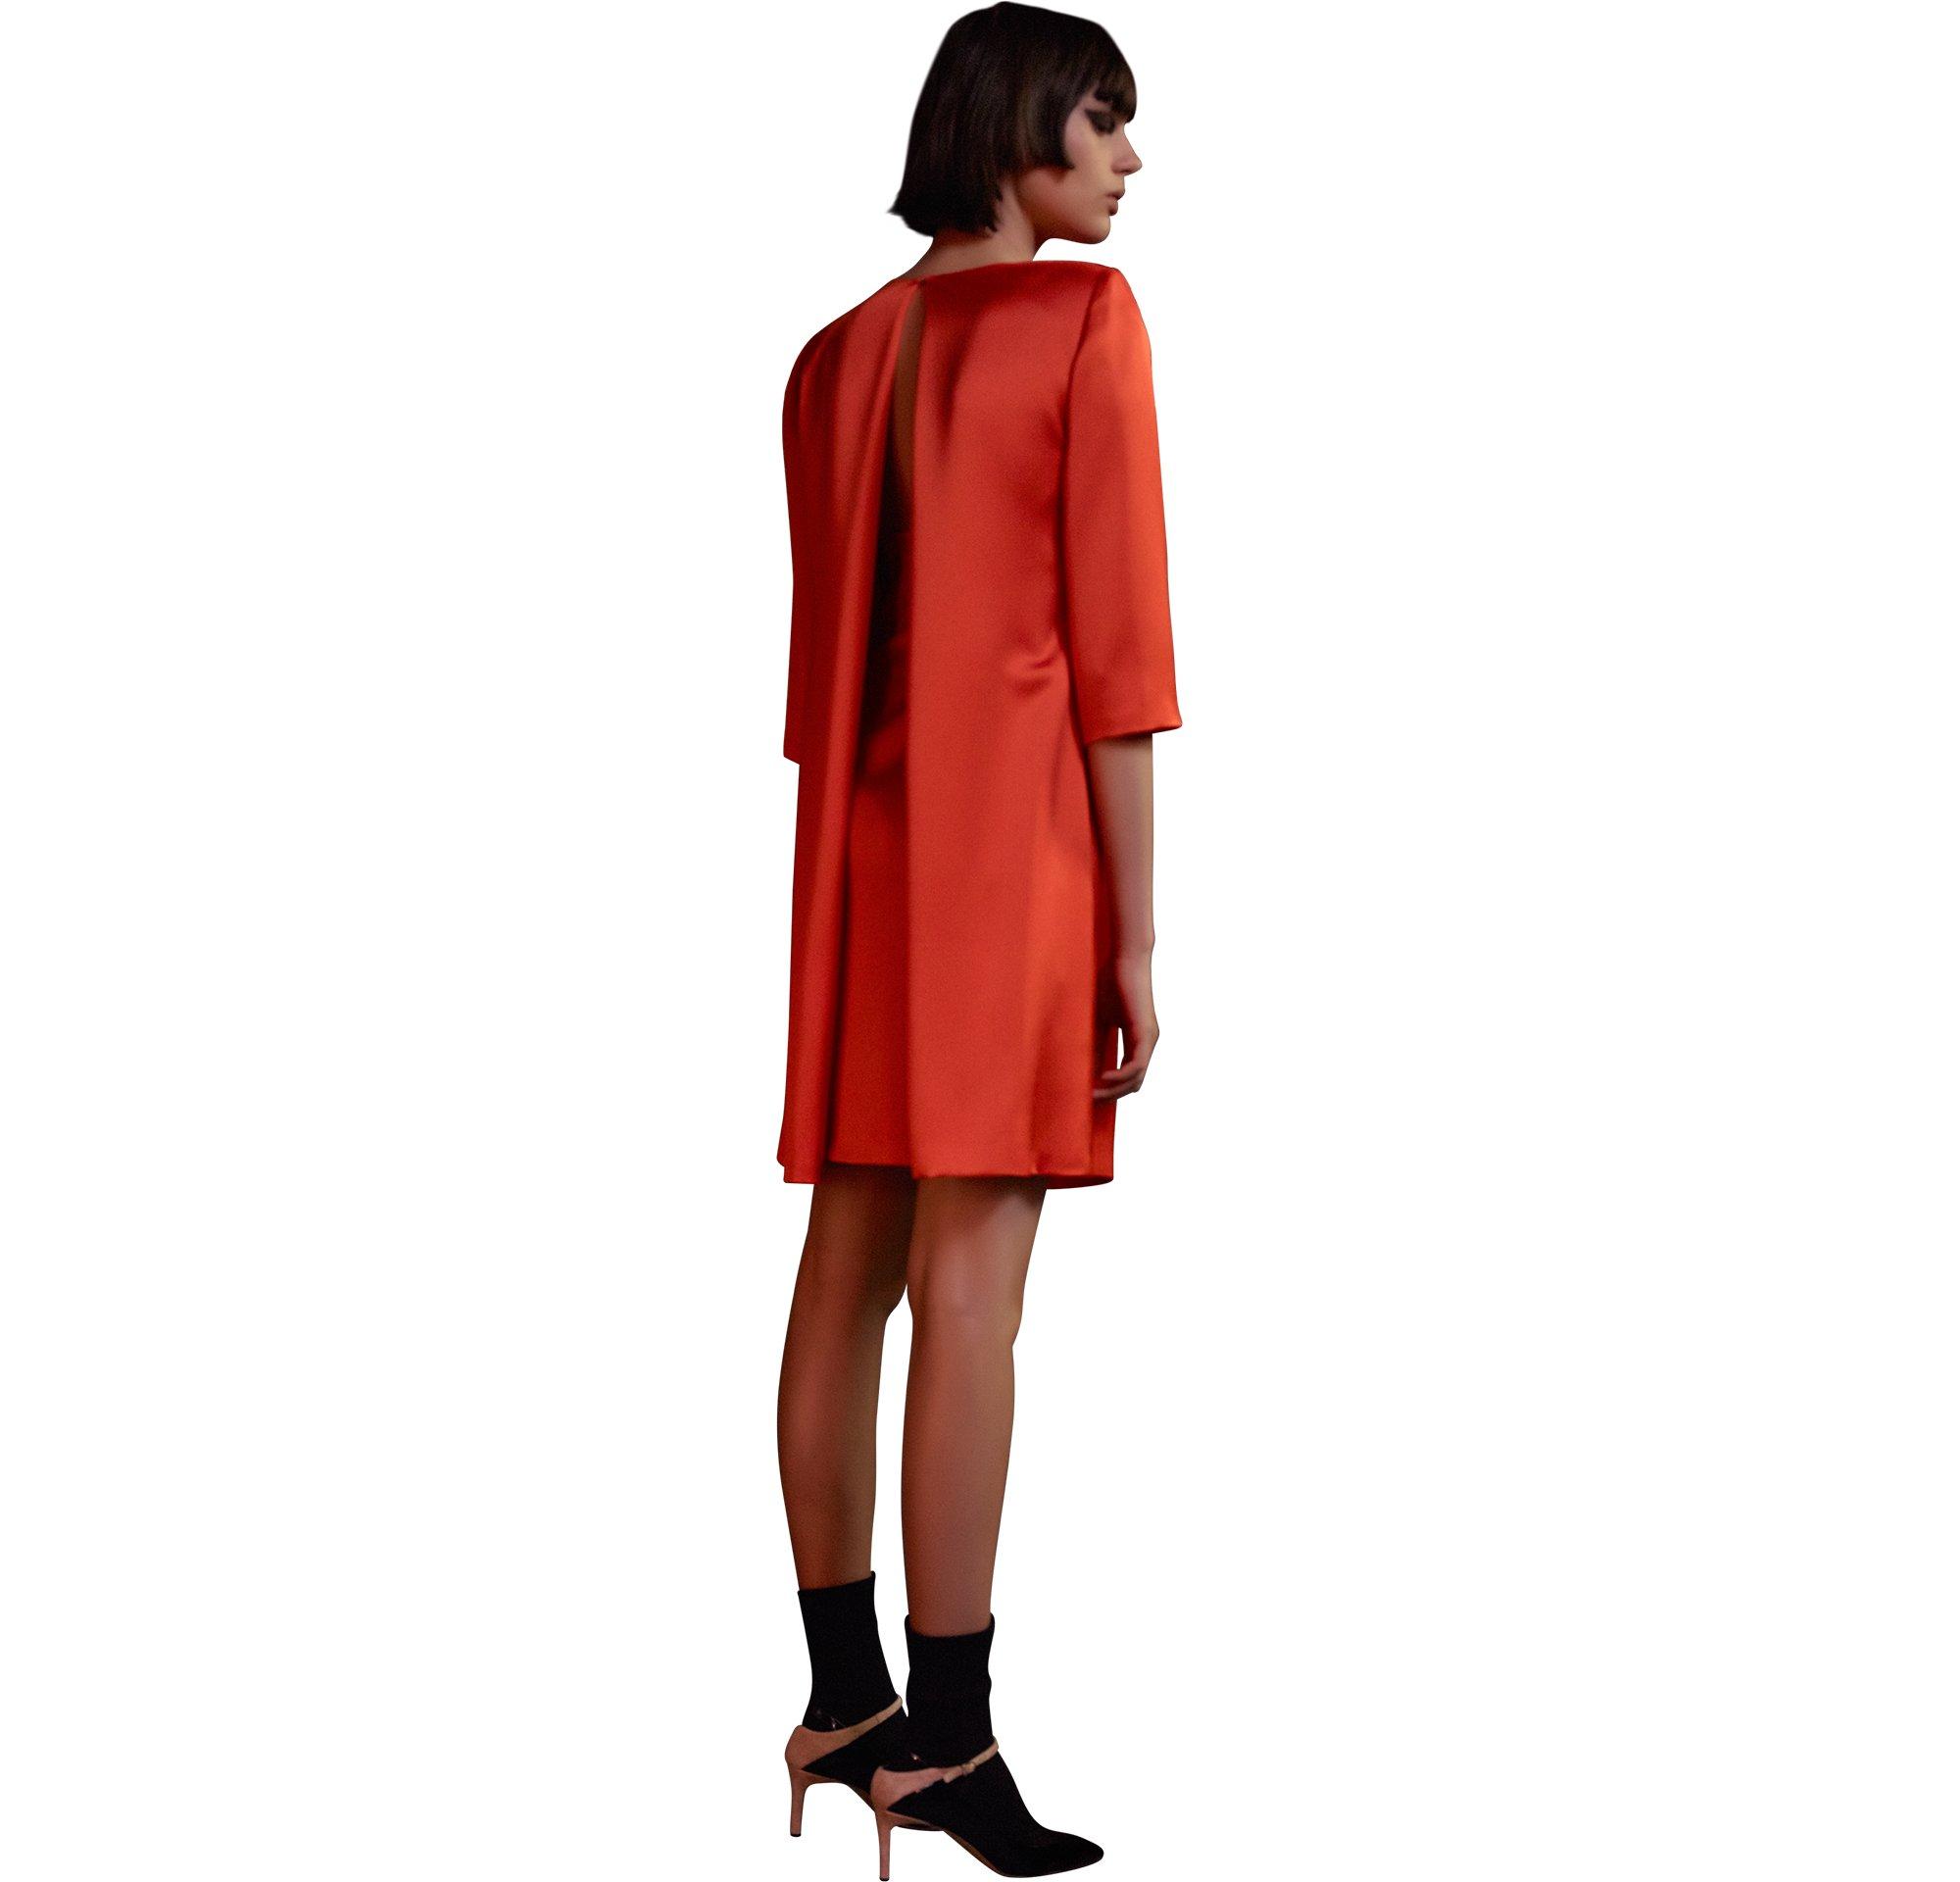 Orangefarbenes Kleid mit schwarzen Schuhen von HUGO